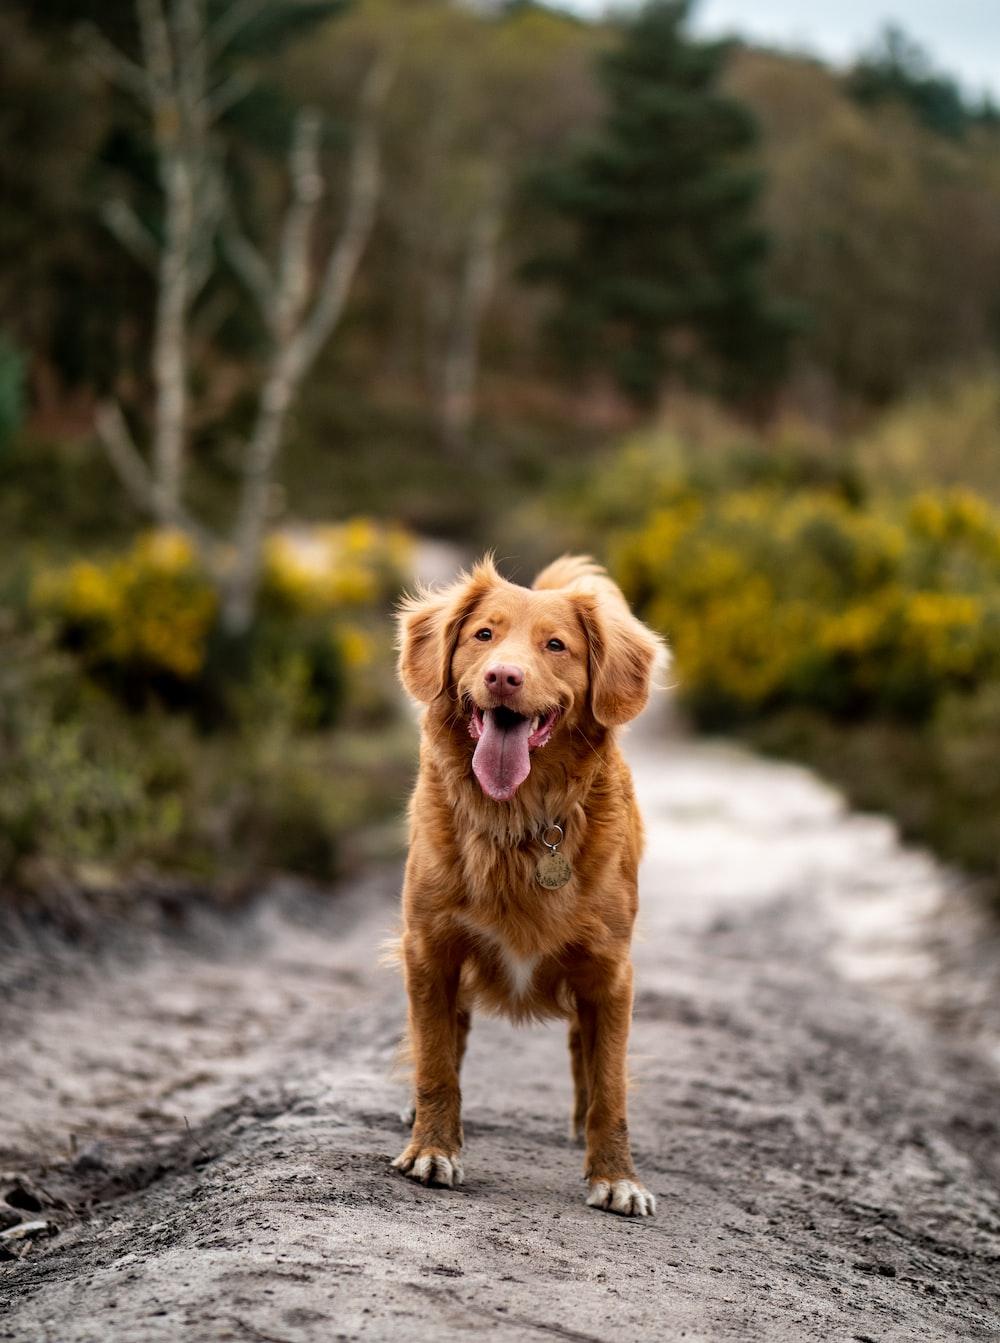 golden retriever on dirt path